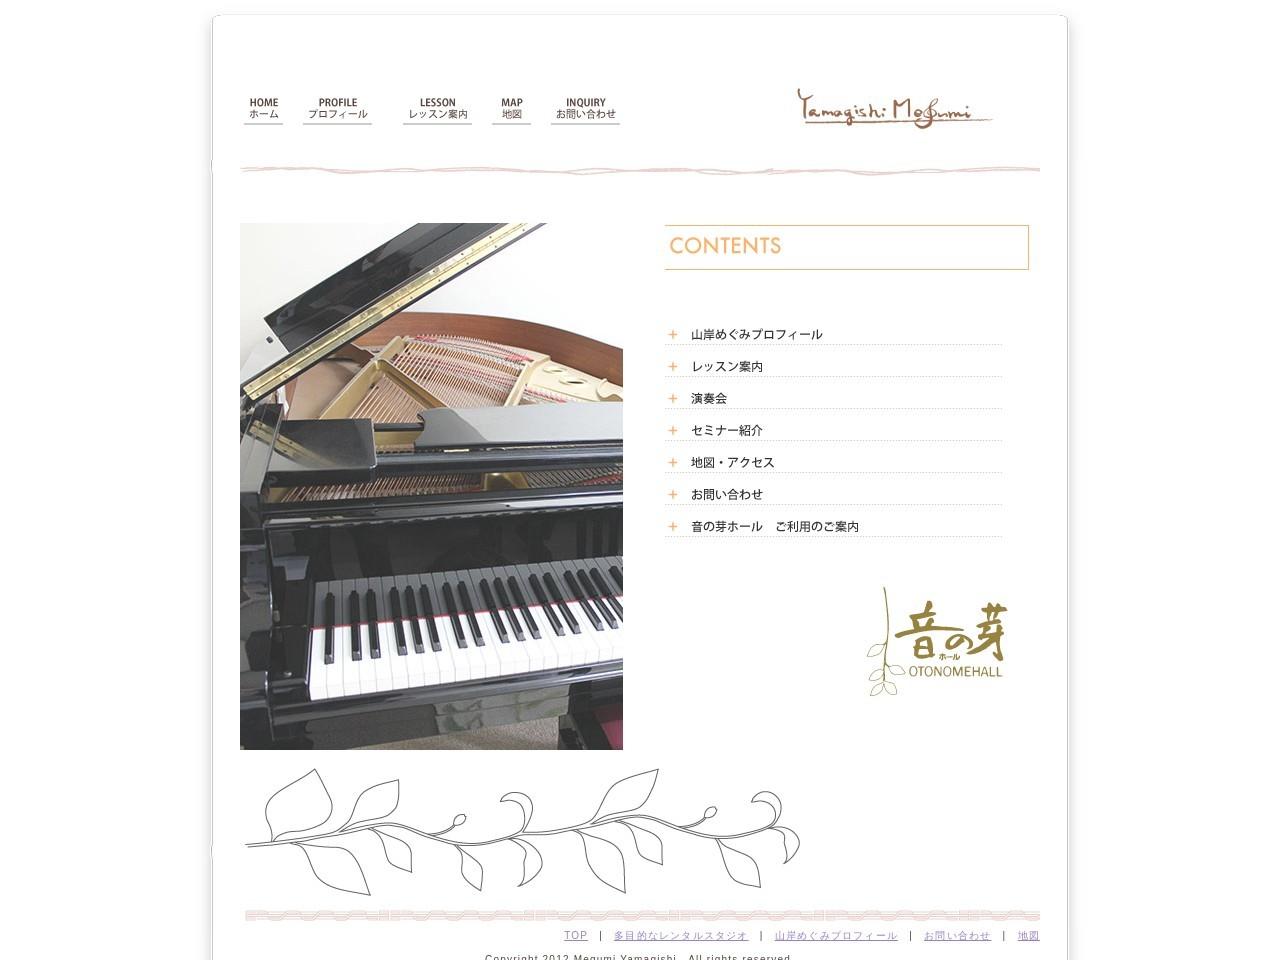 山岸めぐみピアノ教室のサムネイル